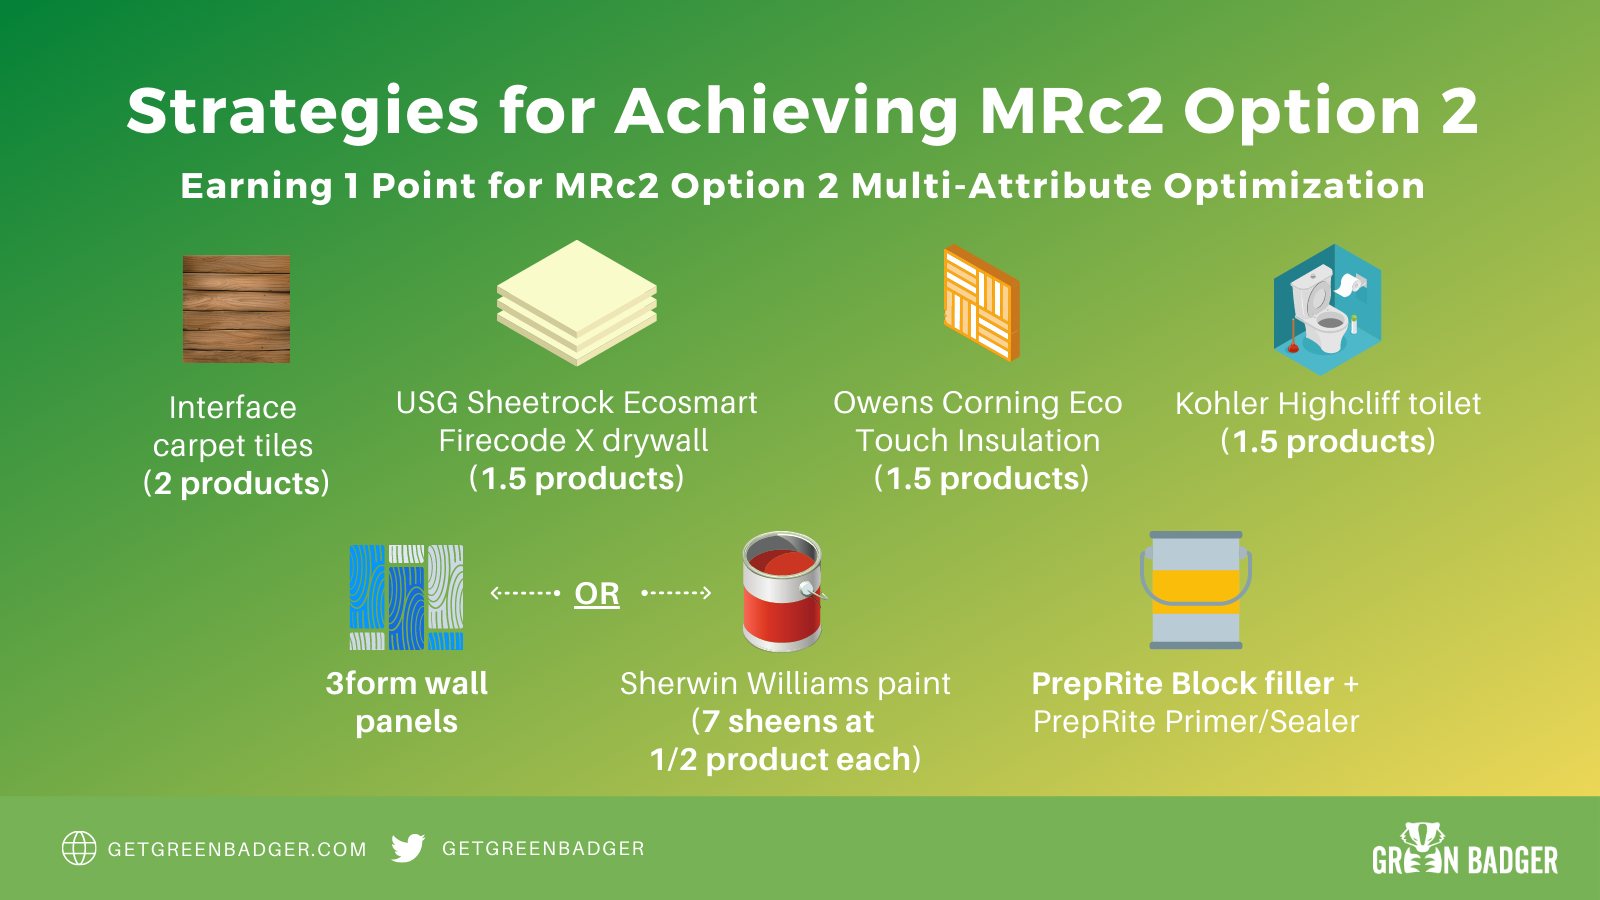 MRc2 Option 2 LEED v4 Strategies